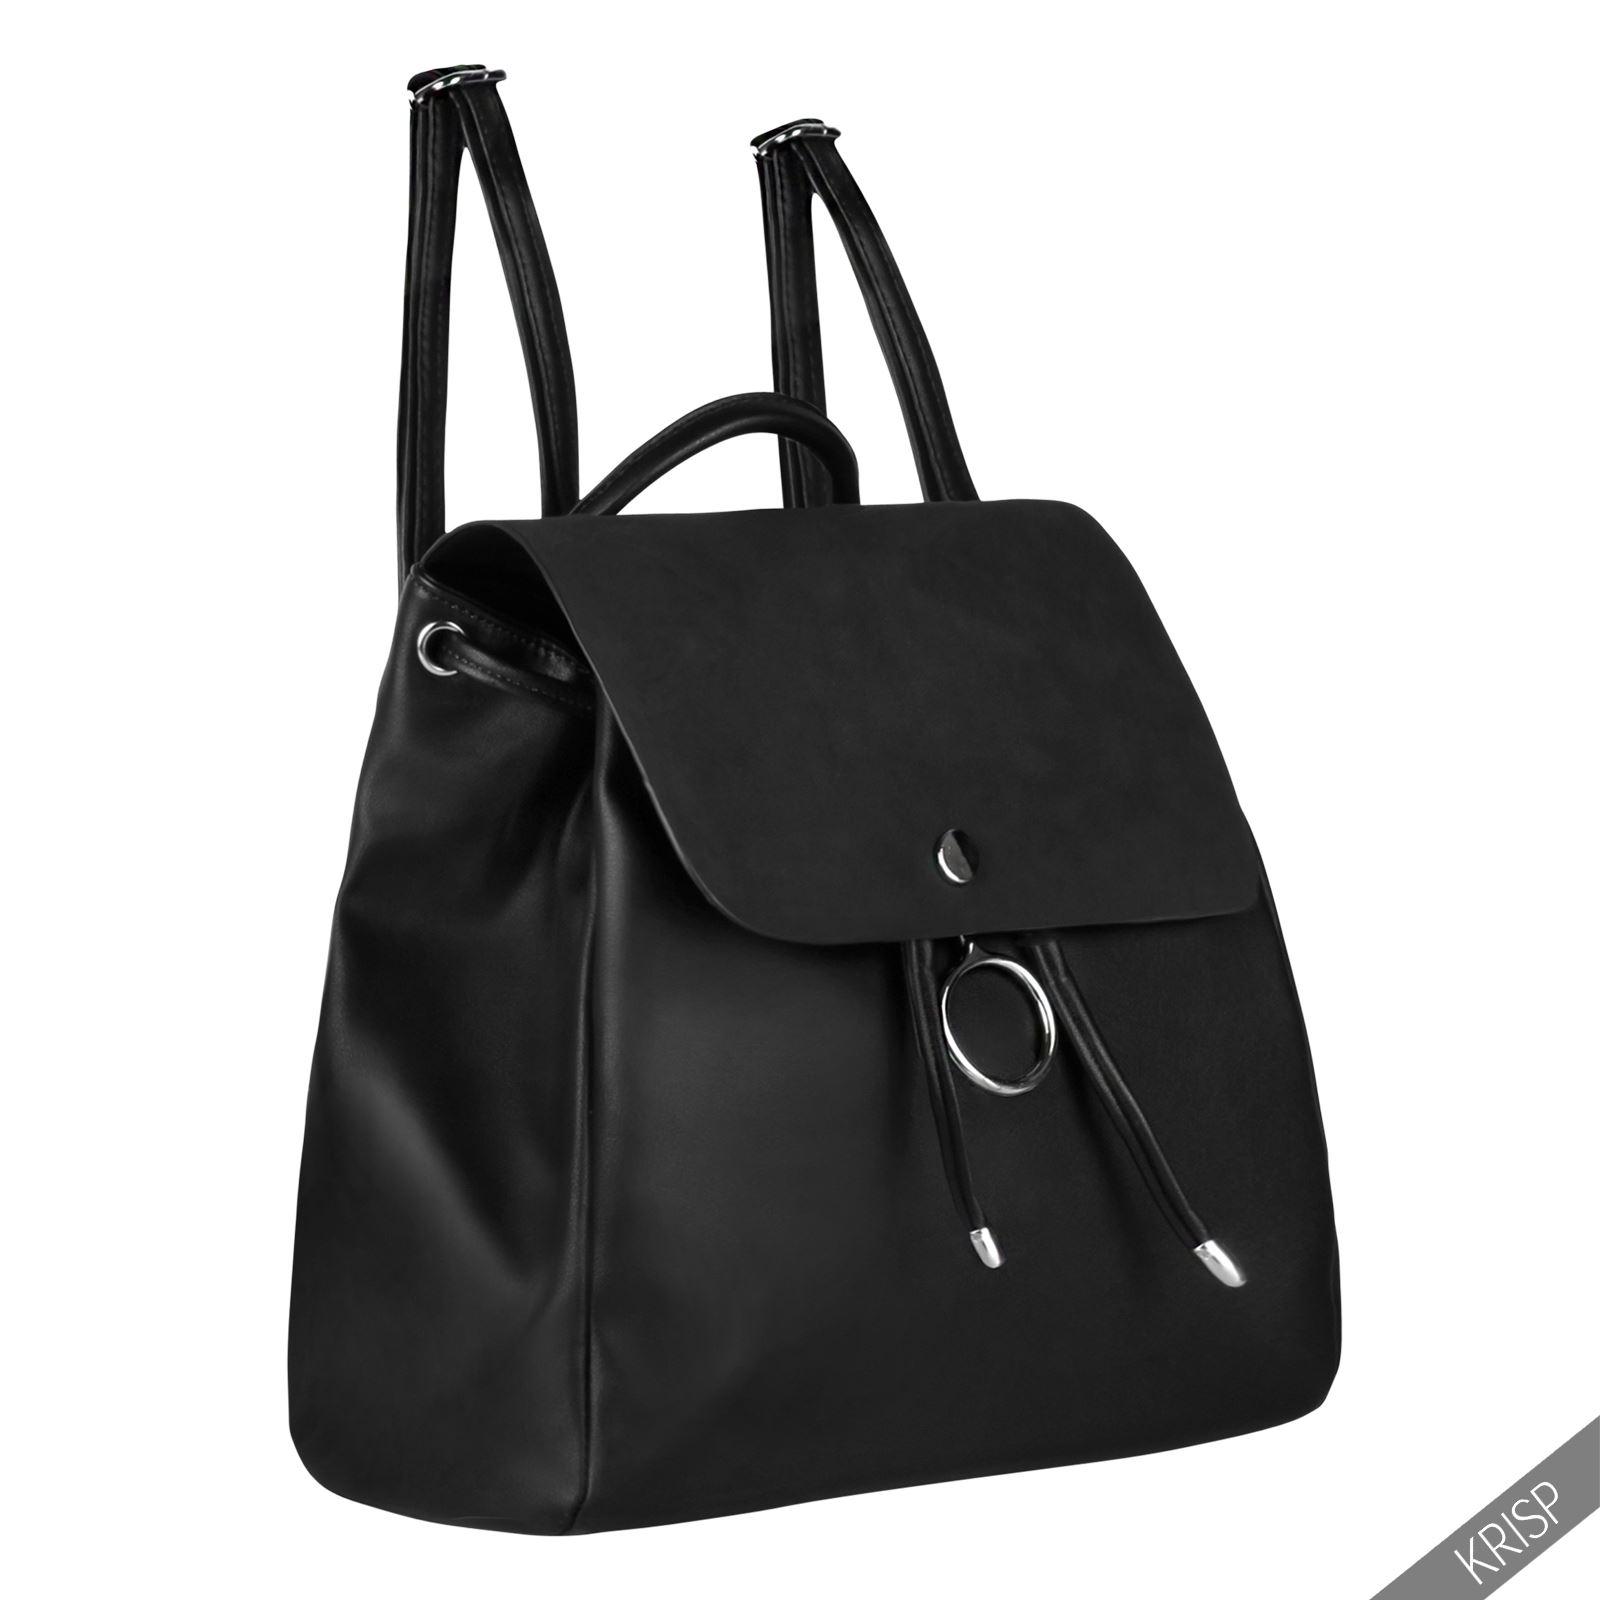 Krisp mochila negra bolso vestir elegante joven juvenil for Bolsos para oficina